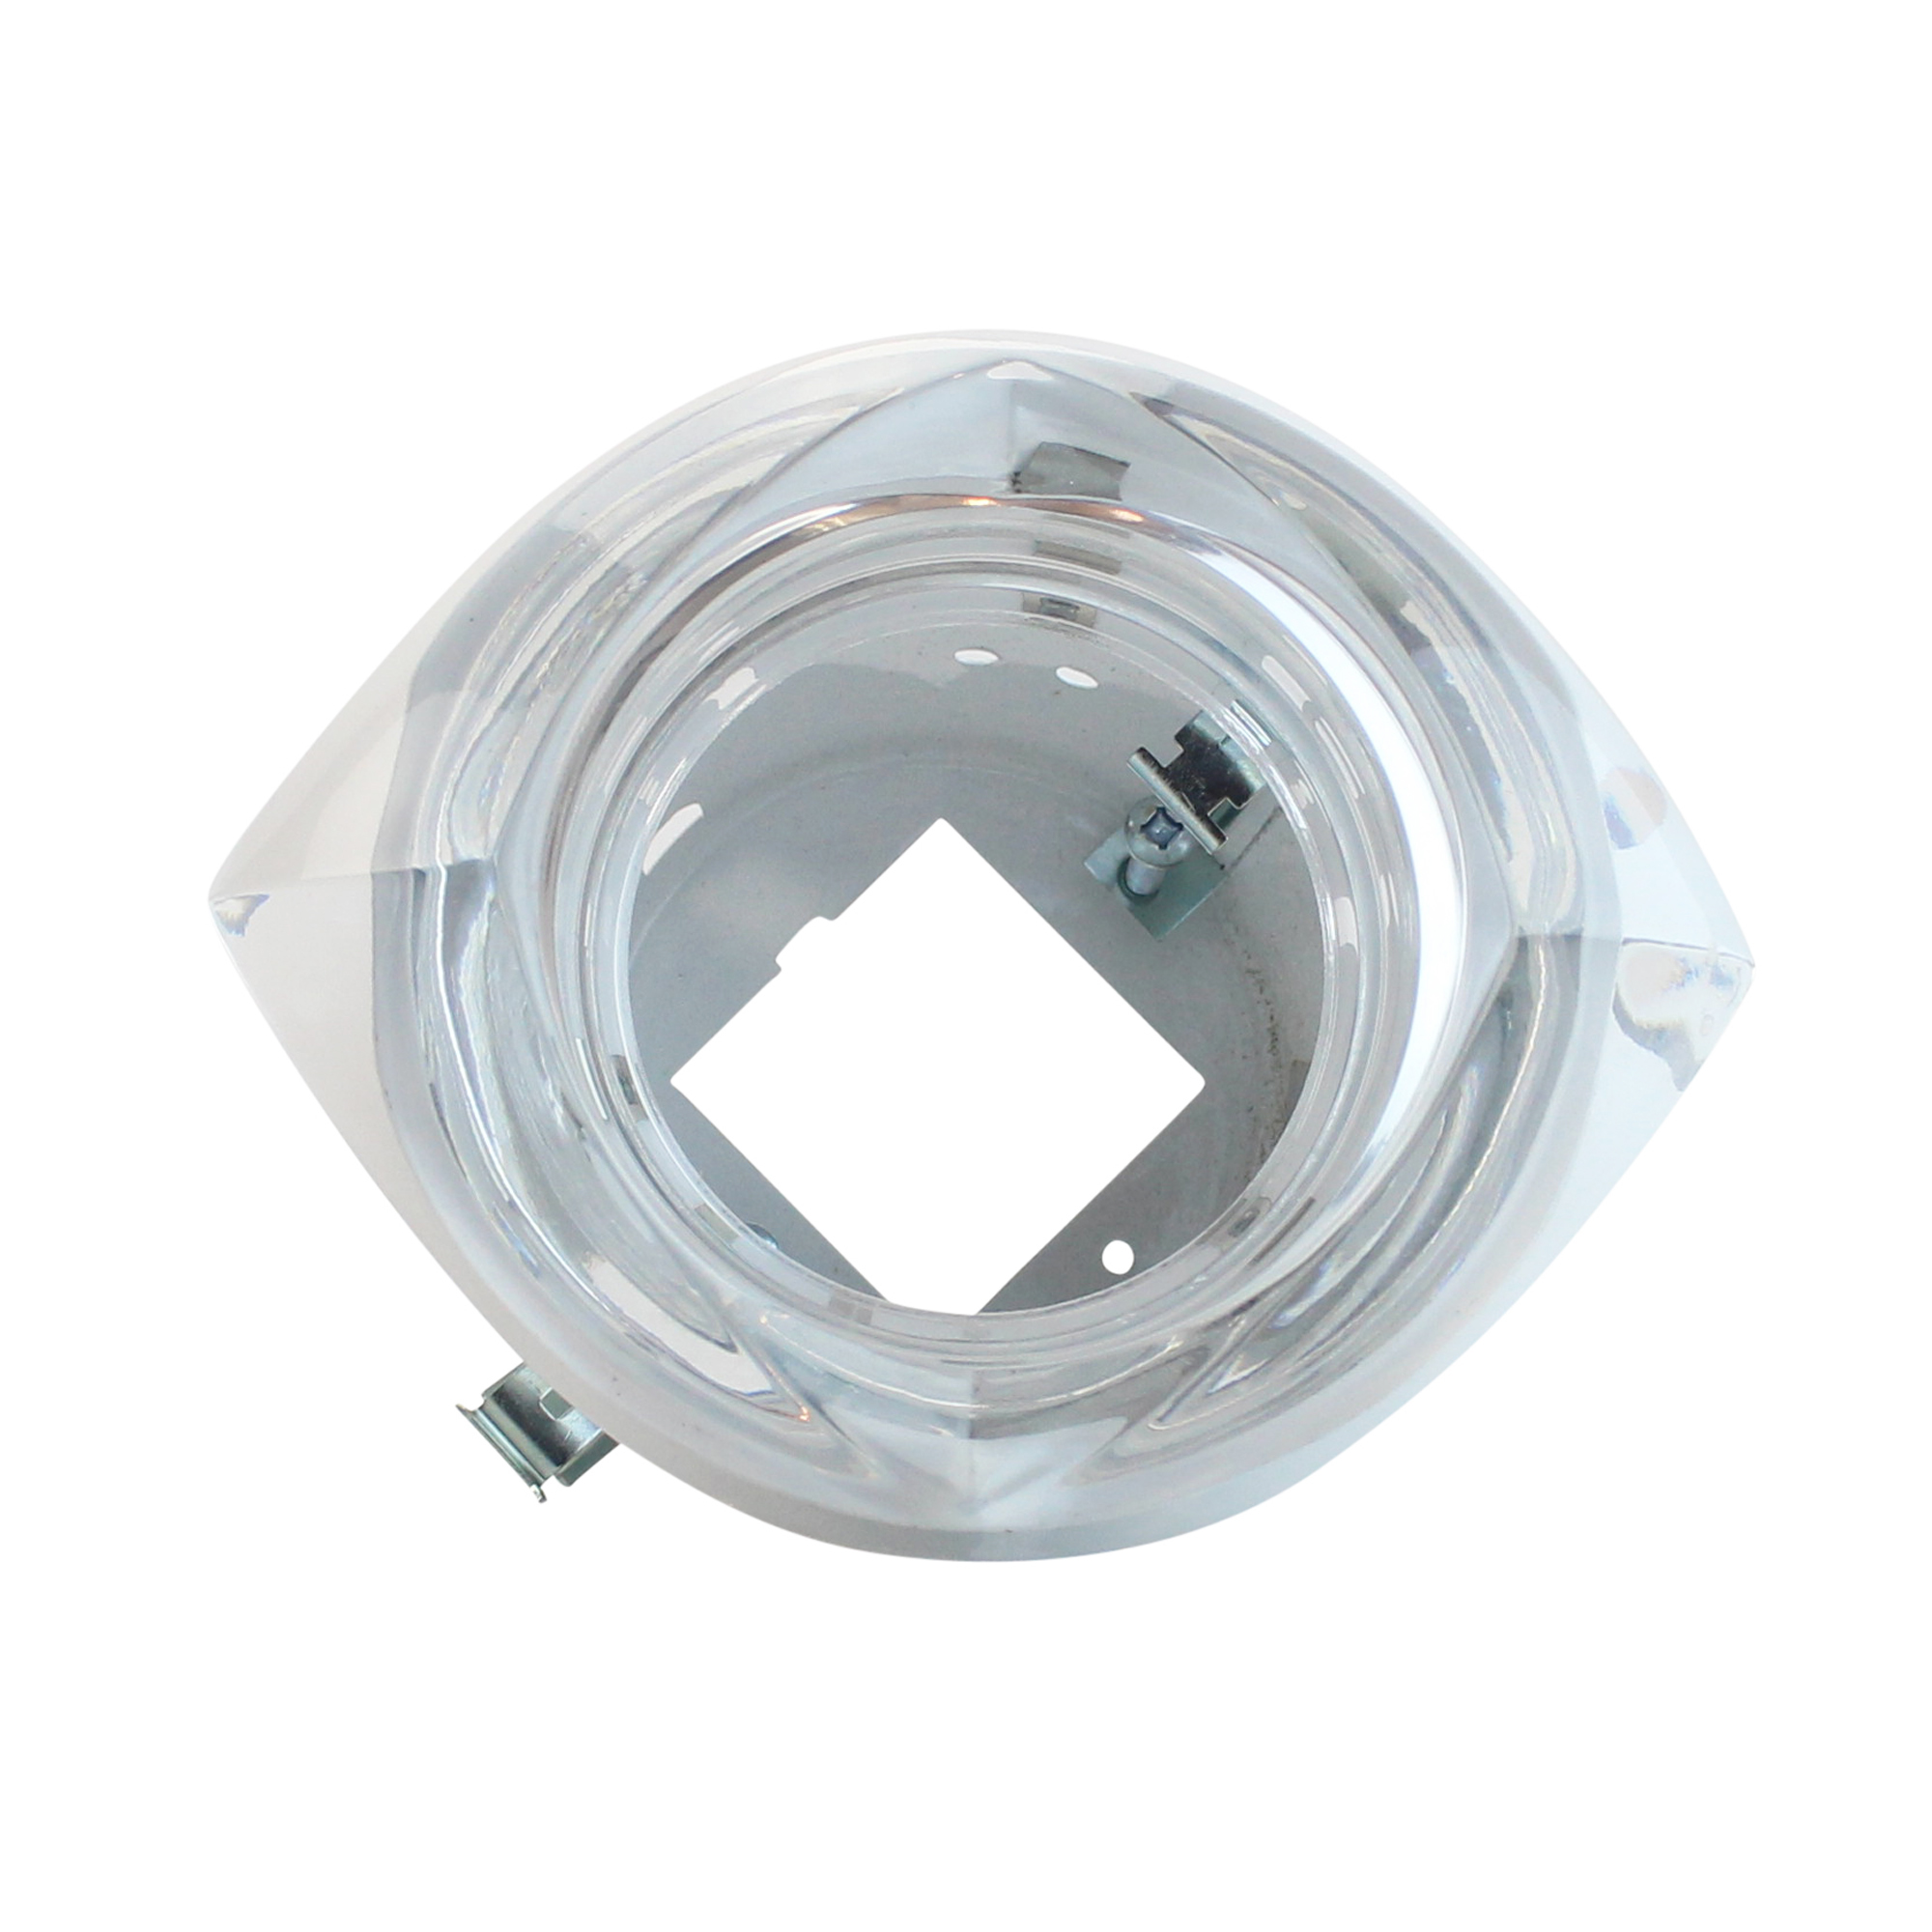 LEUCOS Recessed Lighting Low Voltage Devon Trim Housing Clear Glass Mr16 EBay